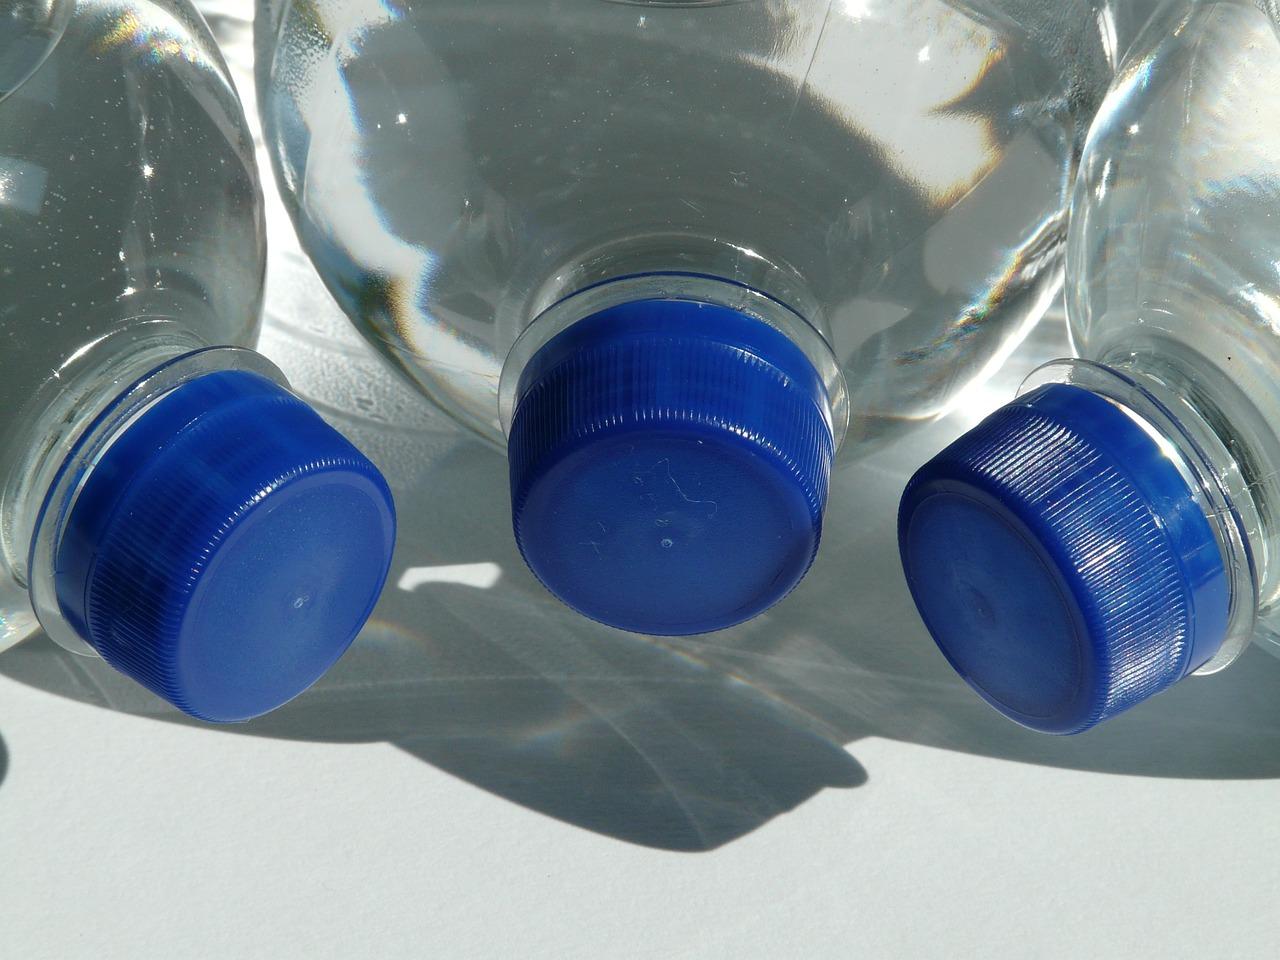 赤ちゃんの誤飲原因、ペットボトルが急増中?